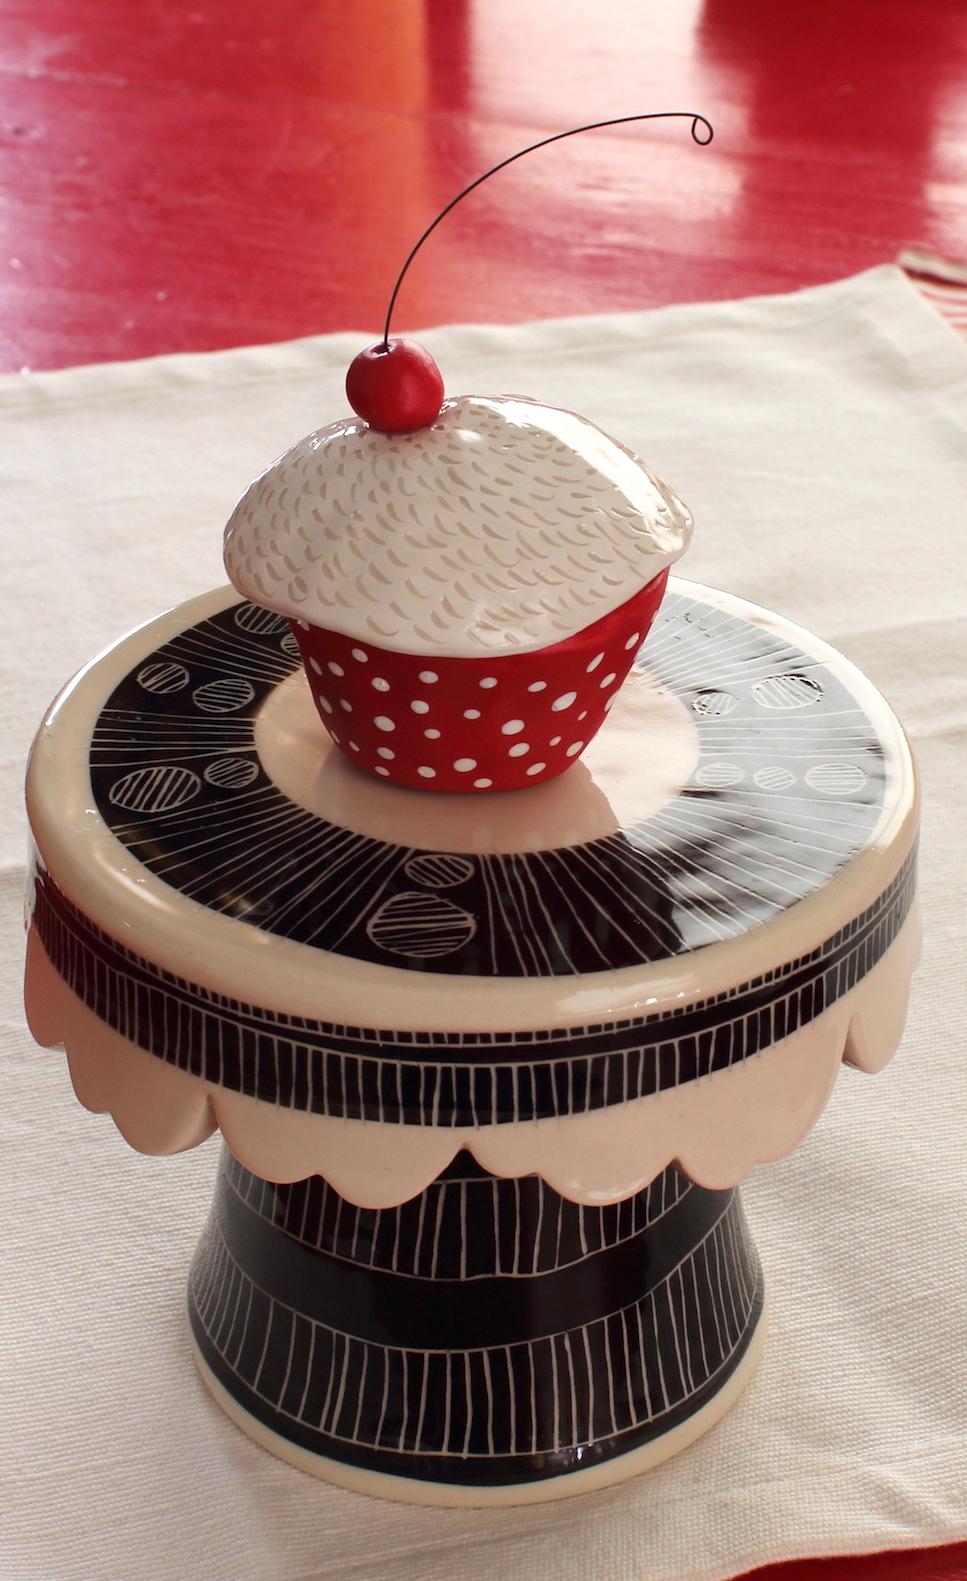 Cupcake copy.JPG